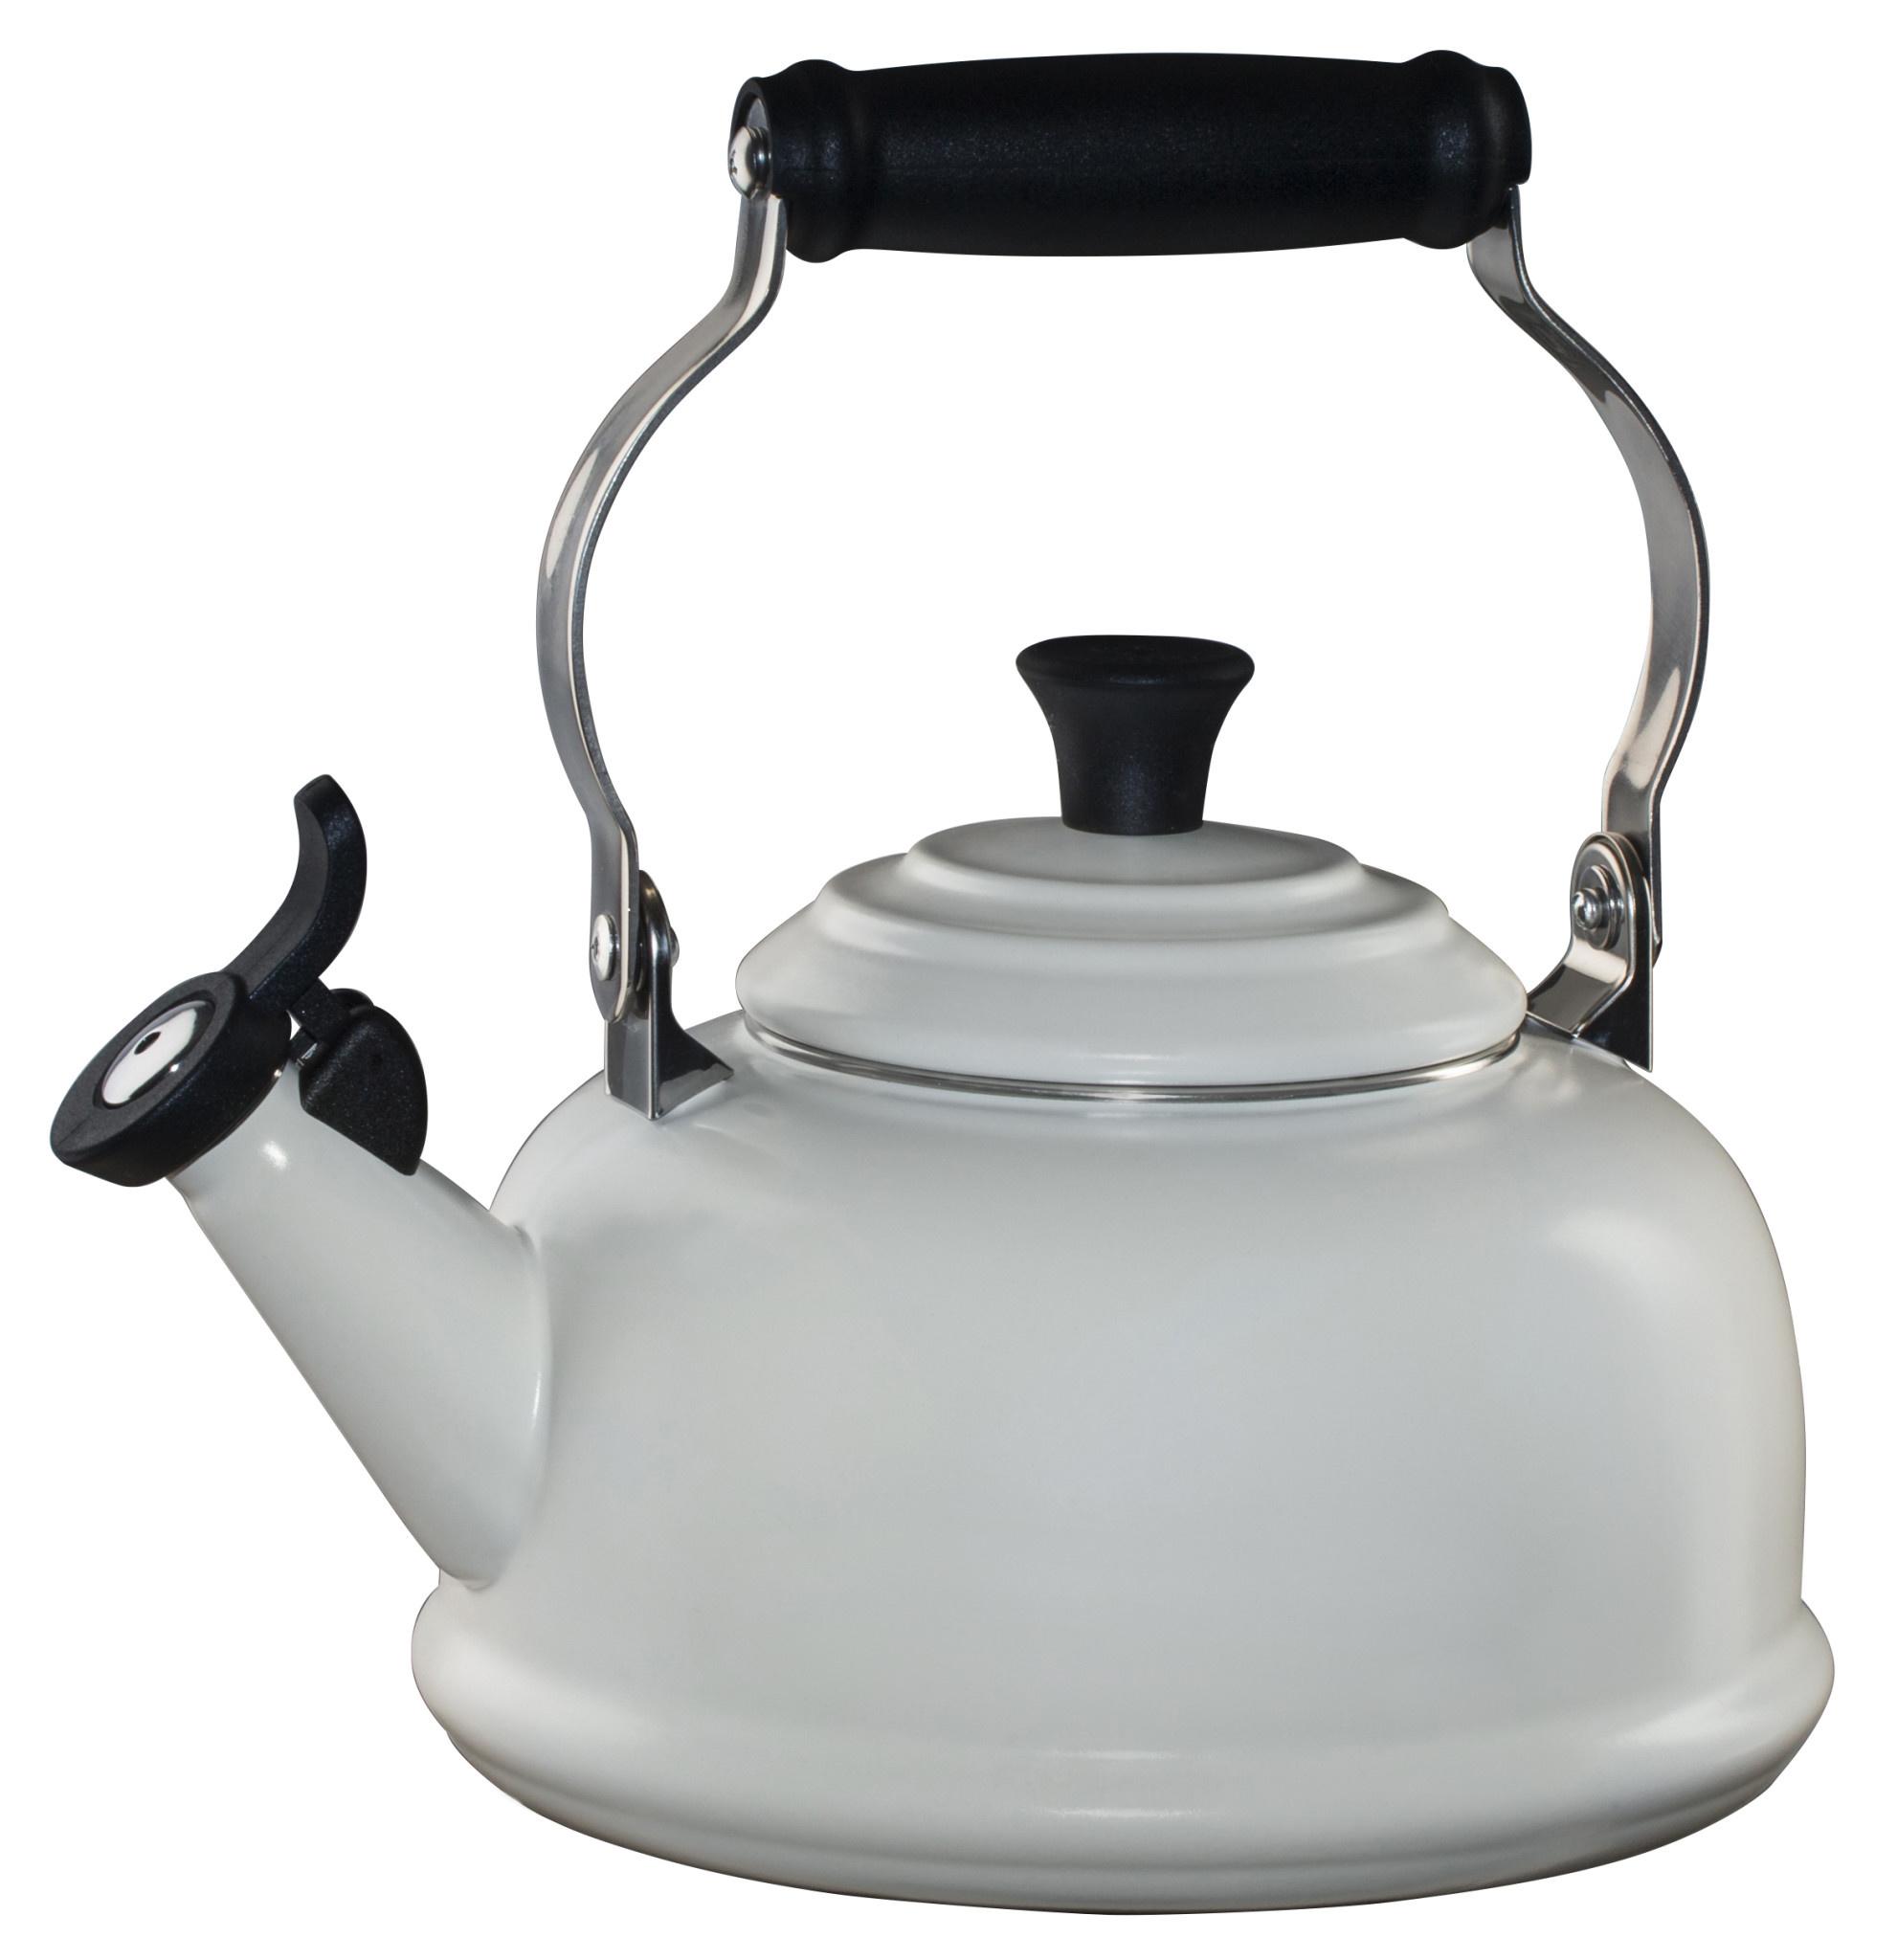 Le Creuset 1.7 Qt Whistling Tea Kettle